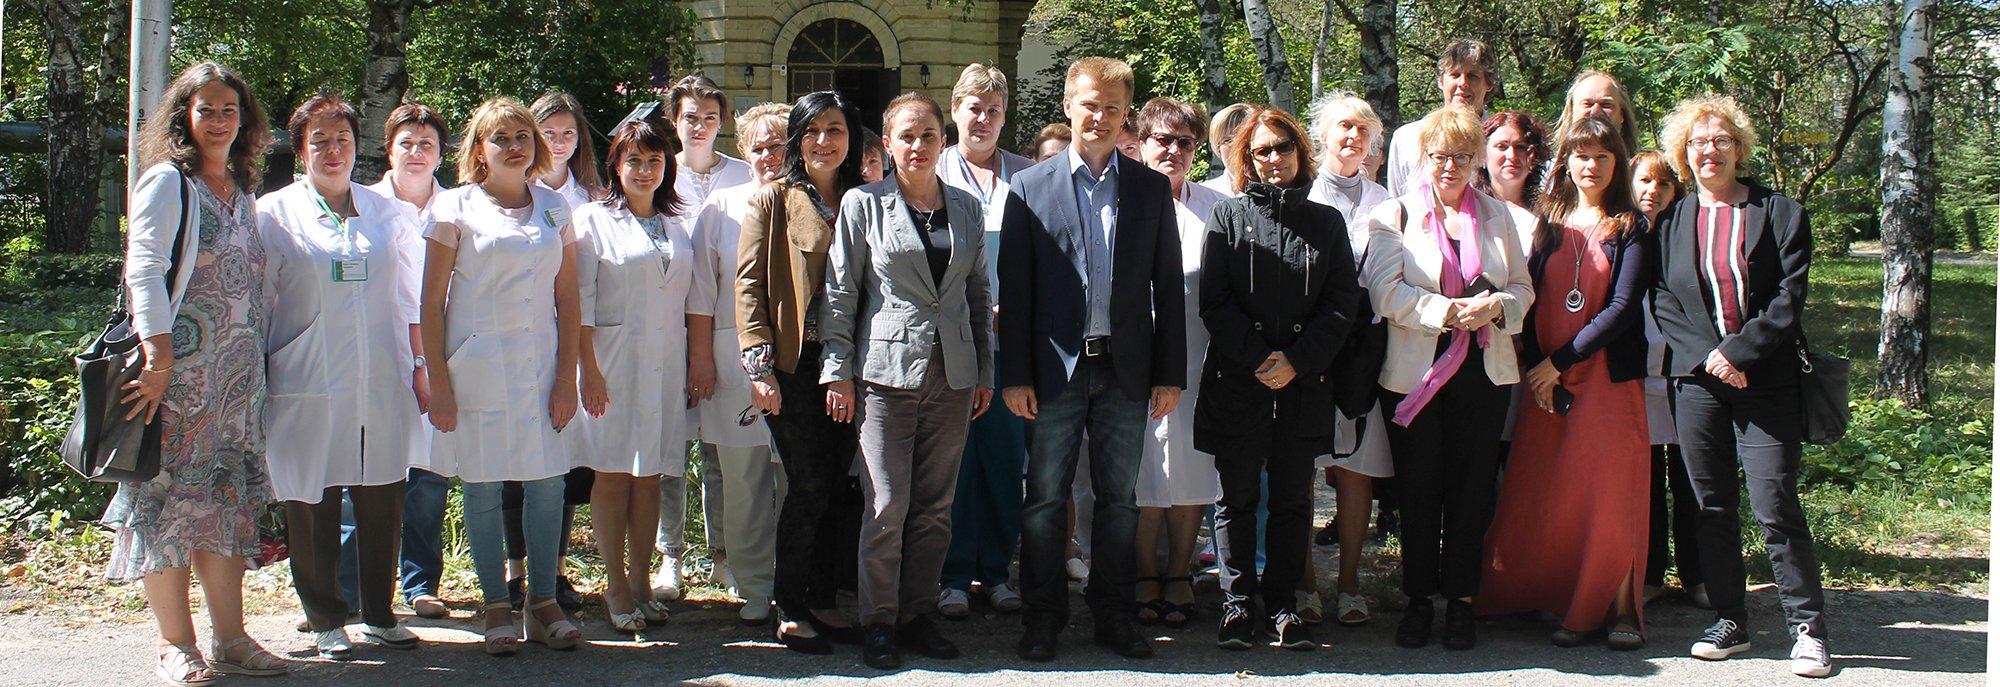 Делегация из Германии посетила больницу и почтила память погибших пациентов